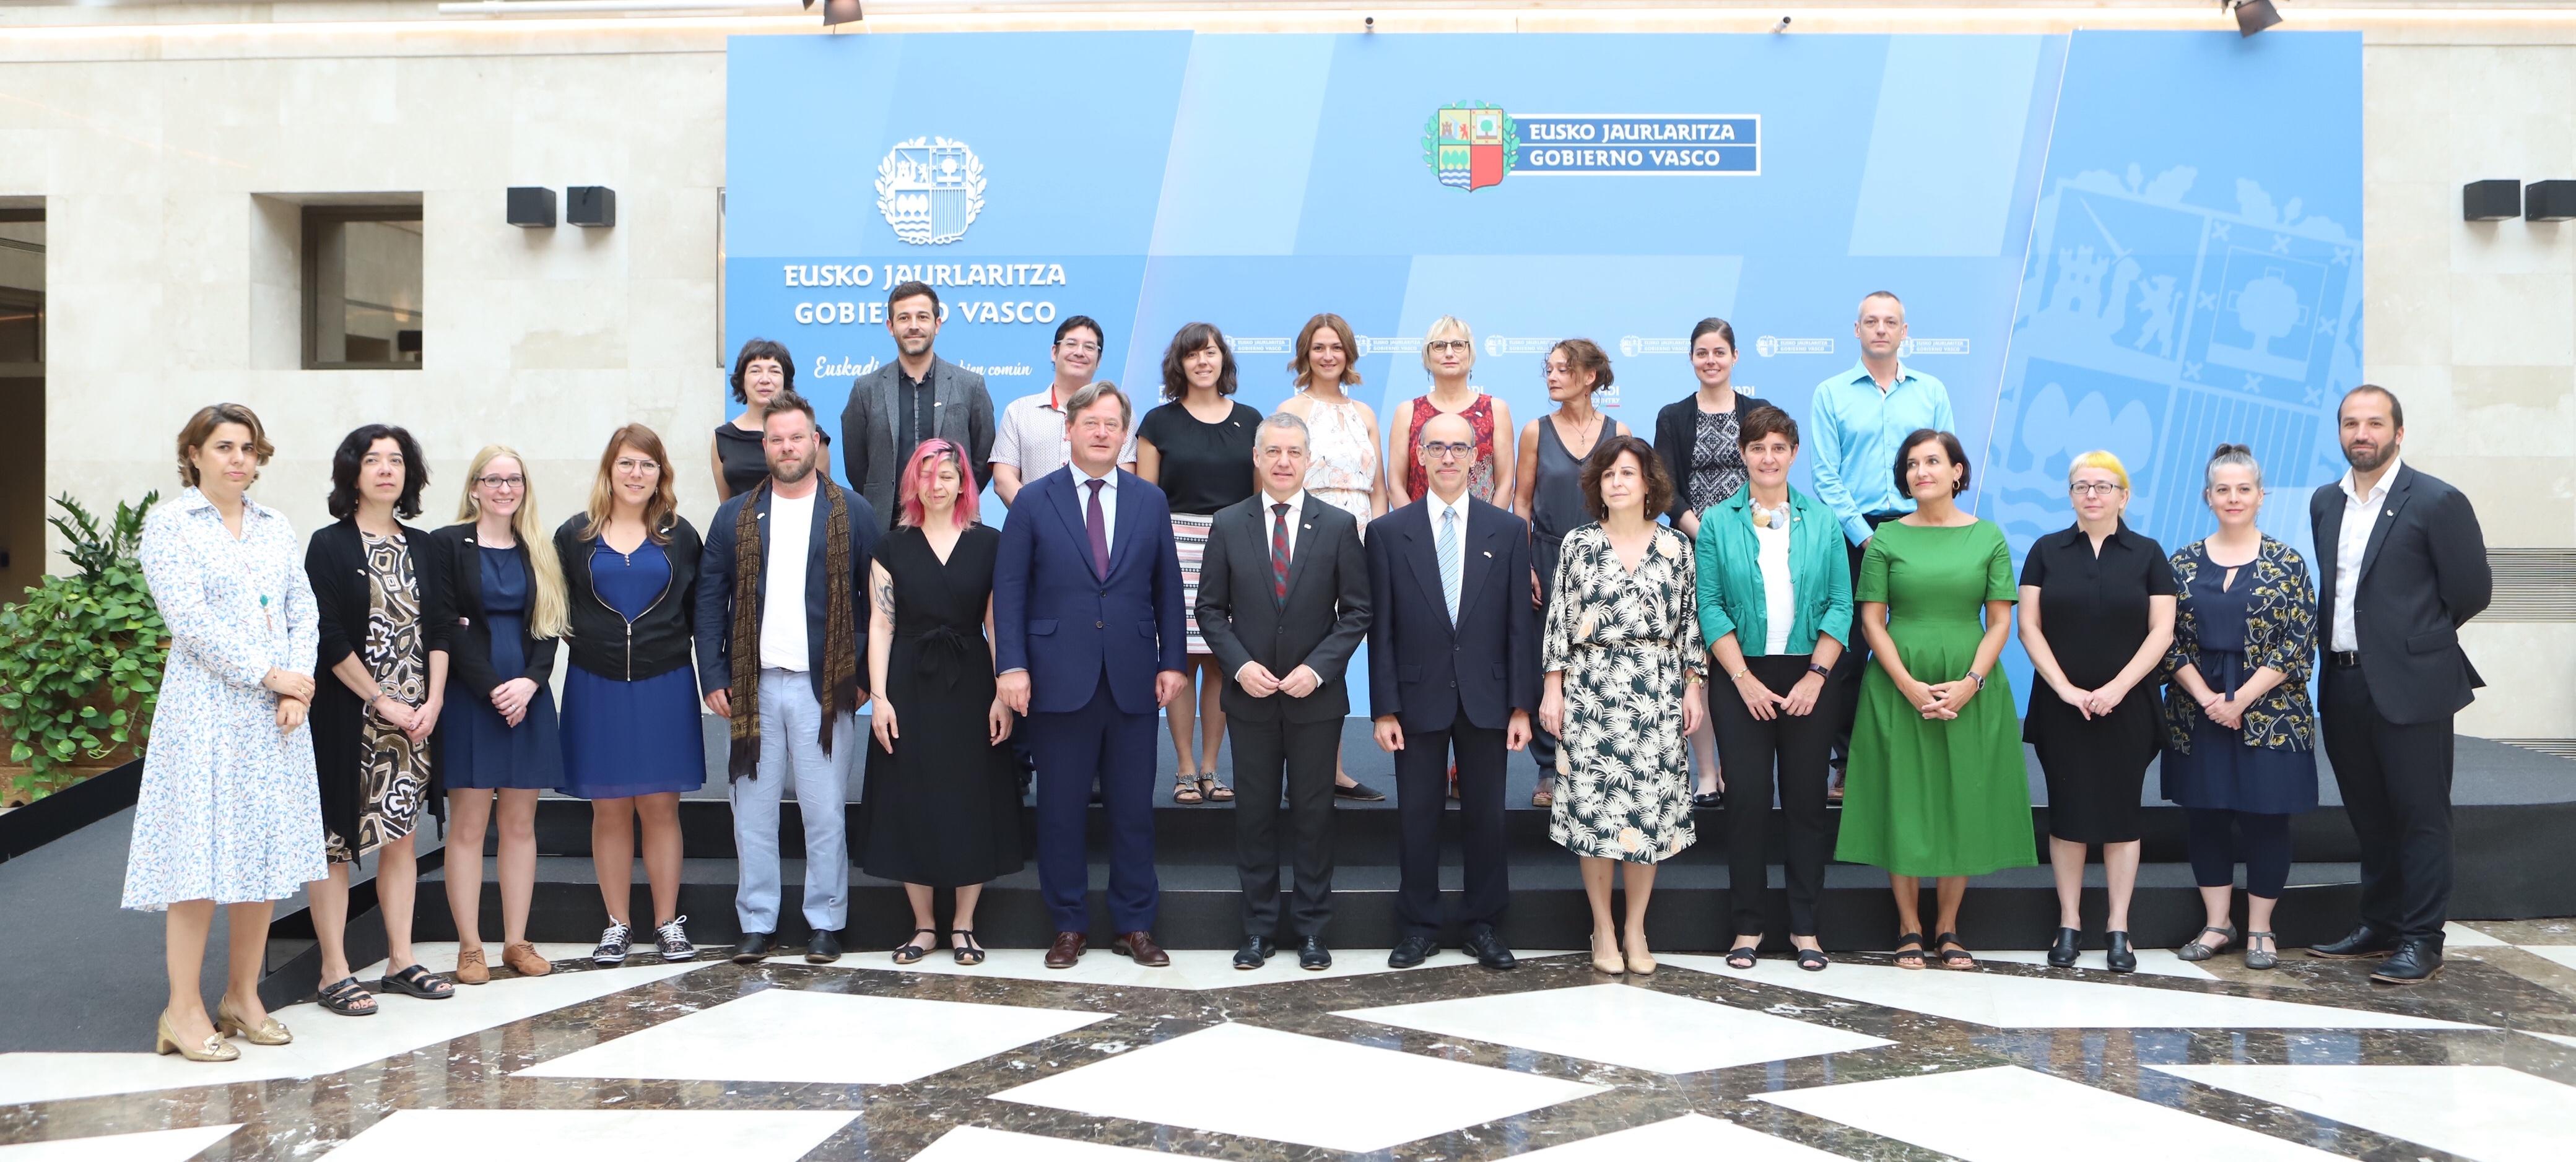 Más de 80 agentes culturales de Euskadi y Quebec se reúnen hasta el viernes para ahondar en las relaciones entre ambos países